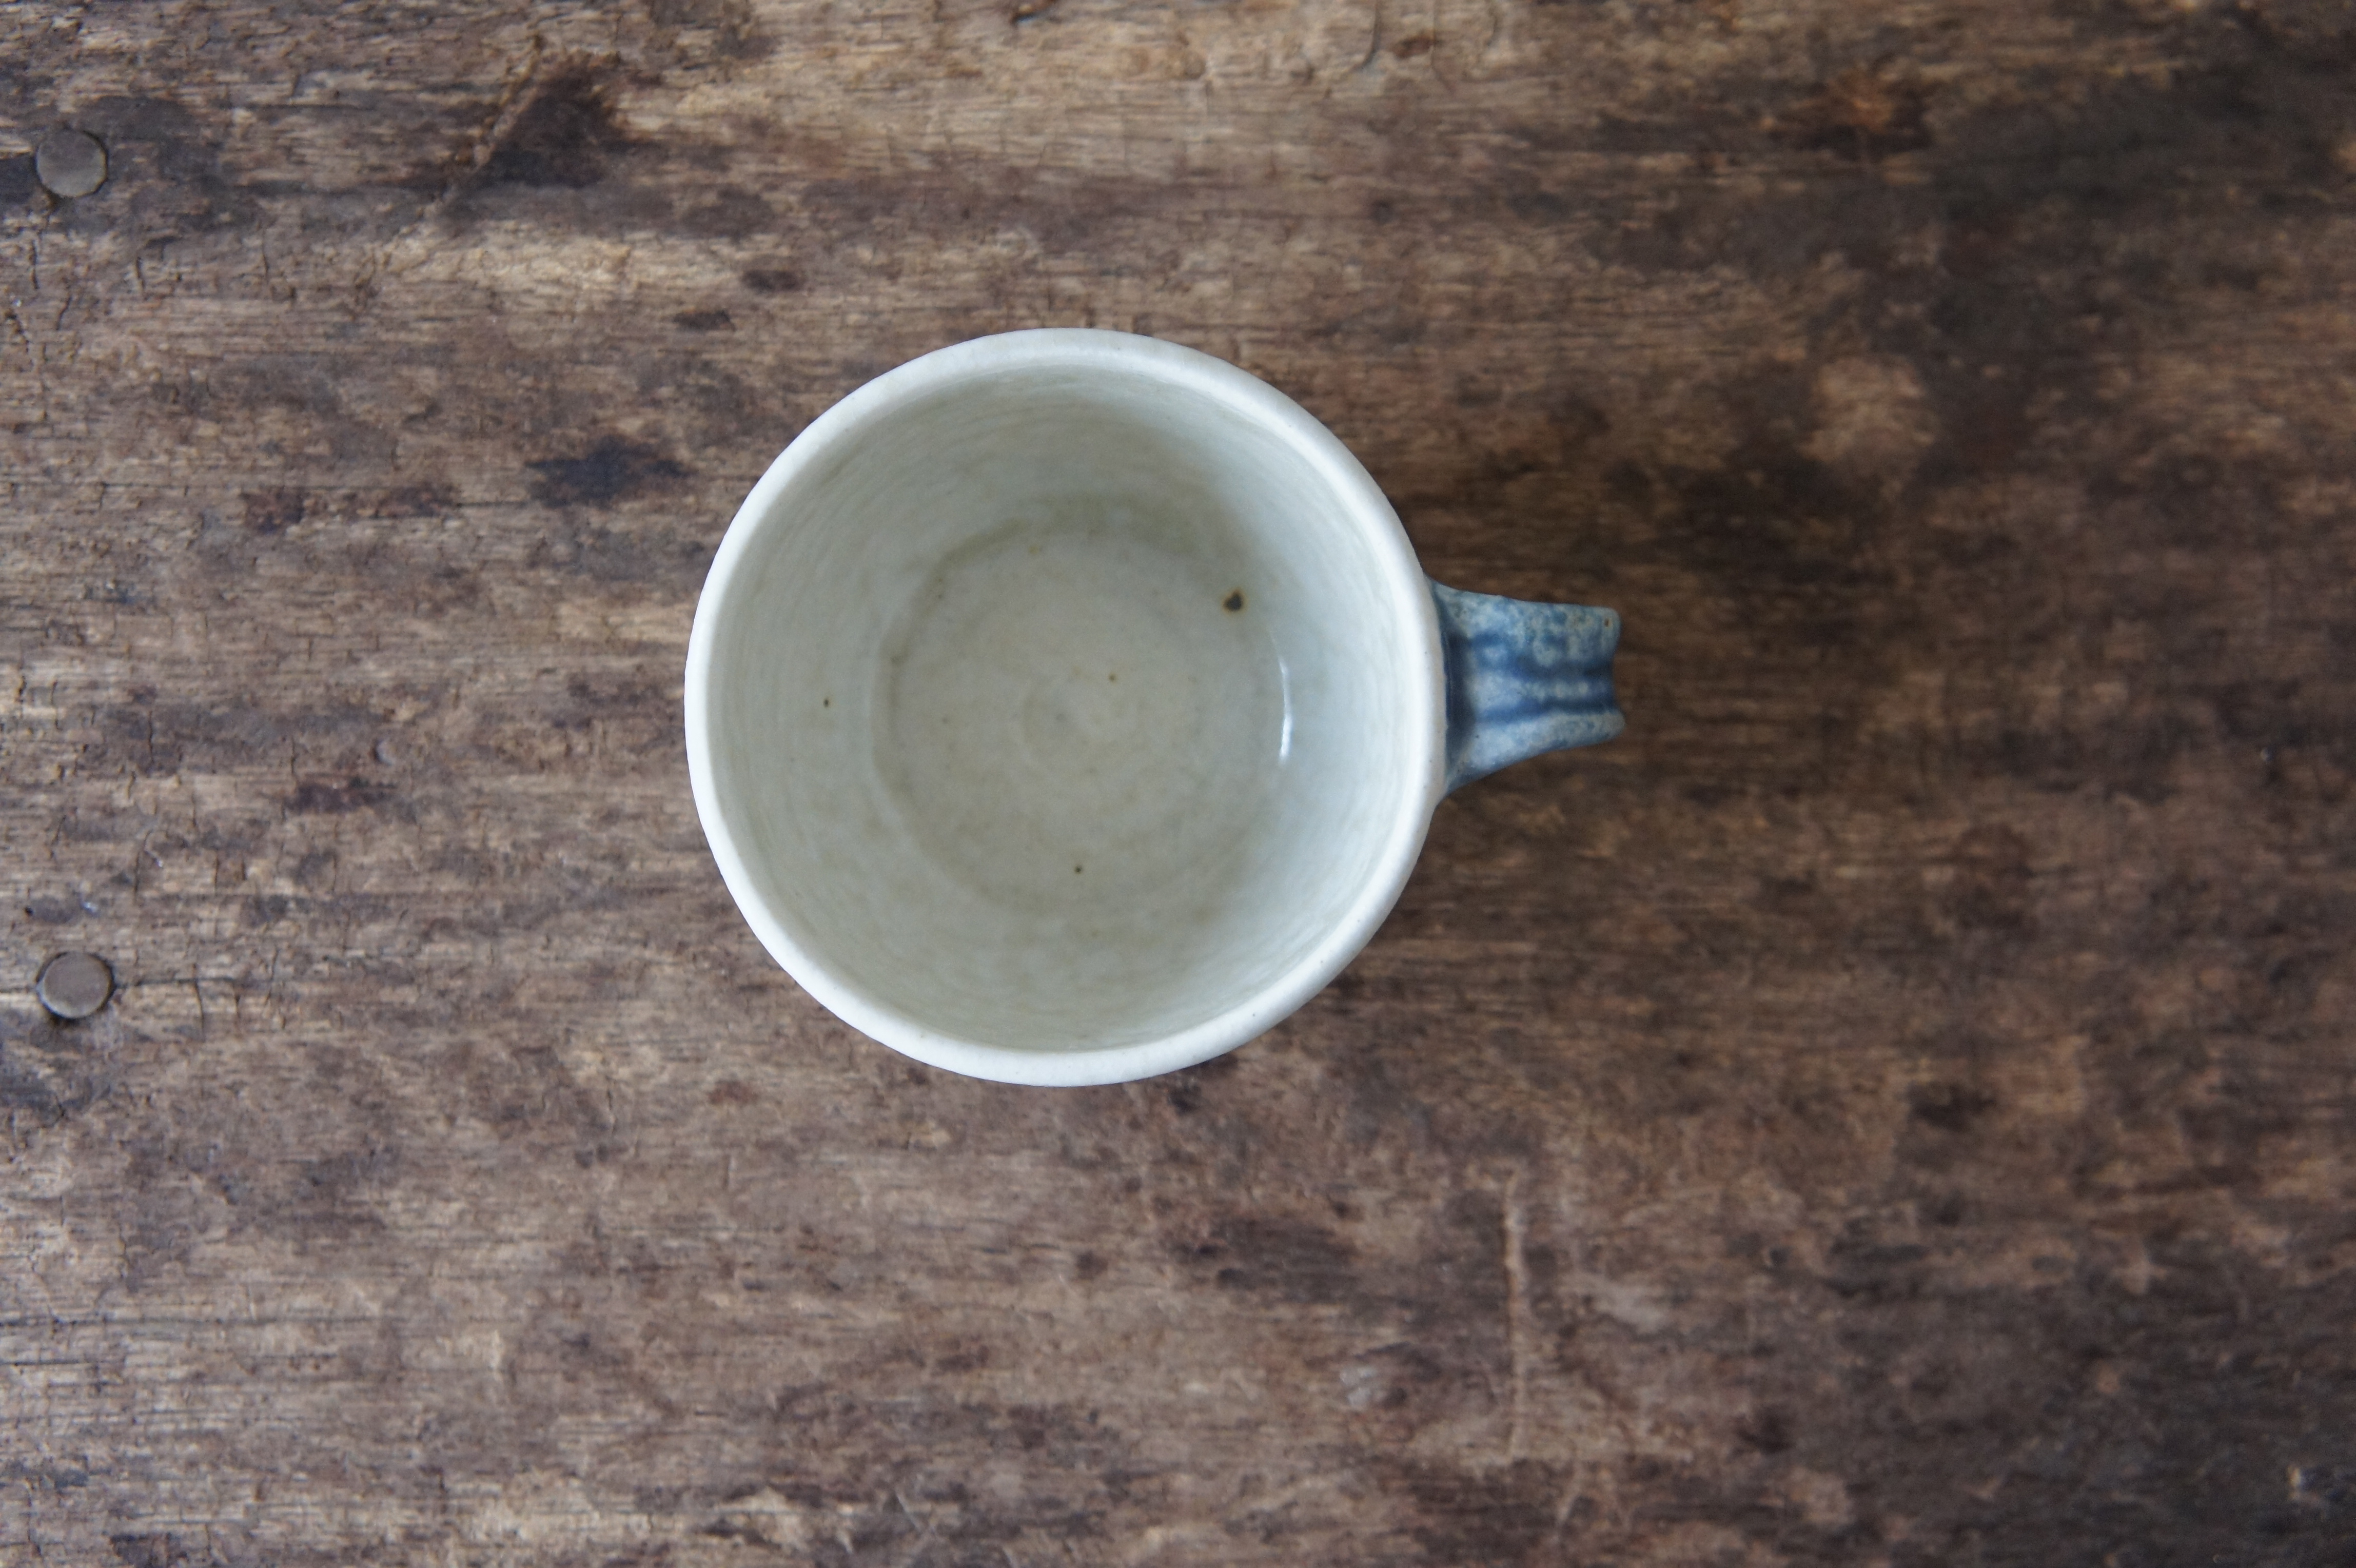 【蓮見かおり】 マグカップ HK-3 - 画像2